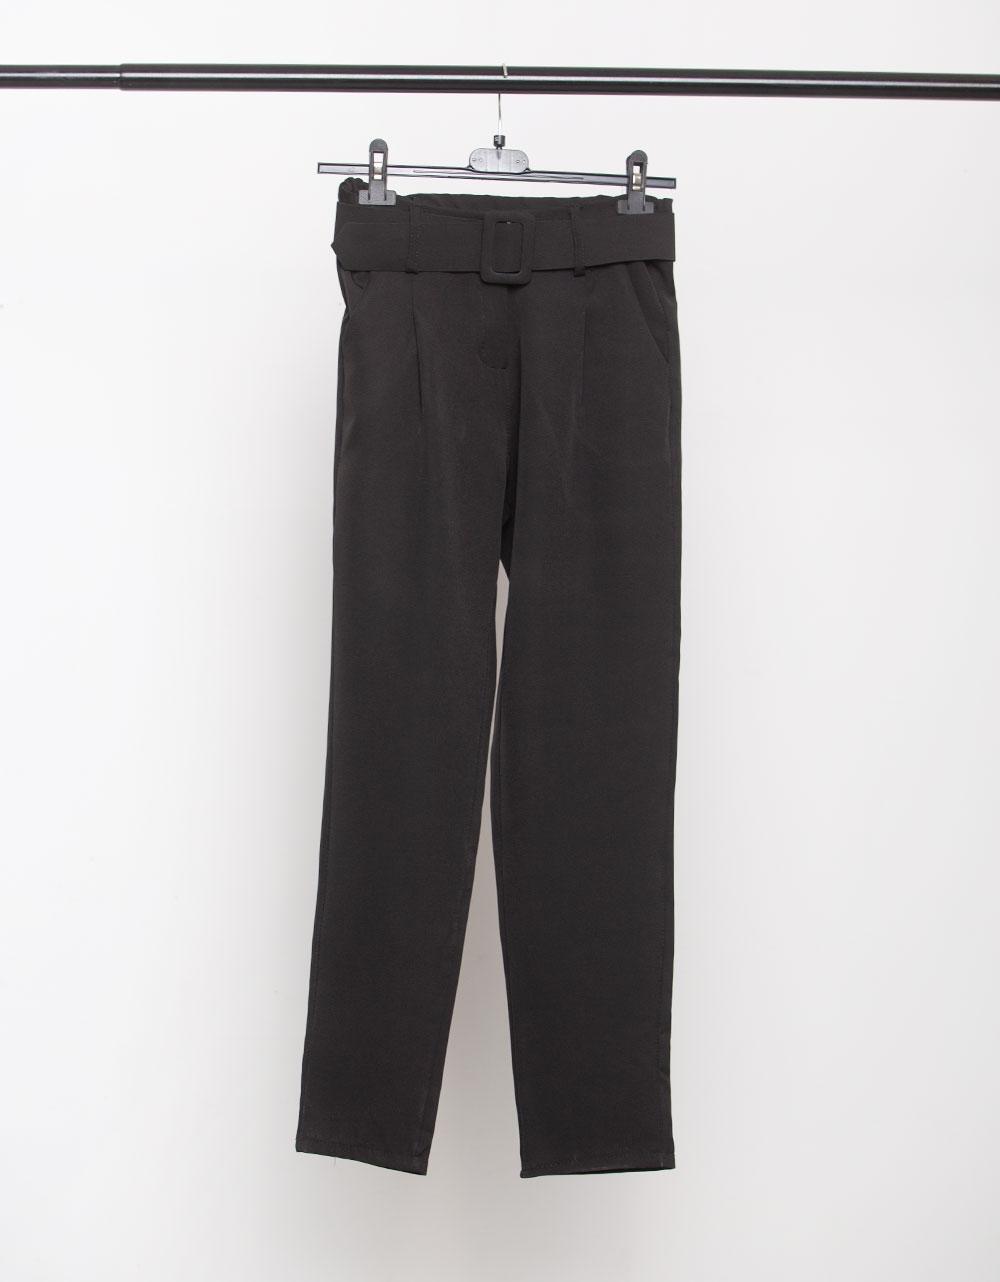 Εικόνα από Γυναικείο παντελόνι σε ίσια γραμμή με ζώνη Μαύρο